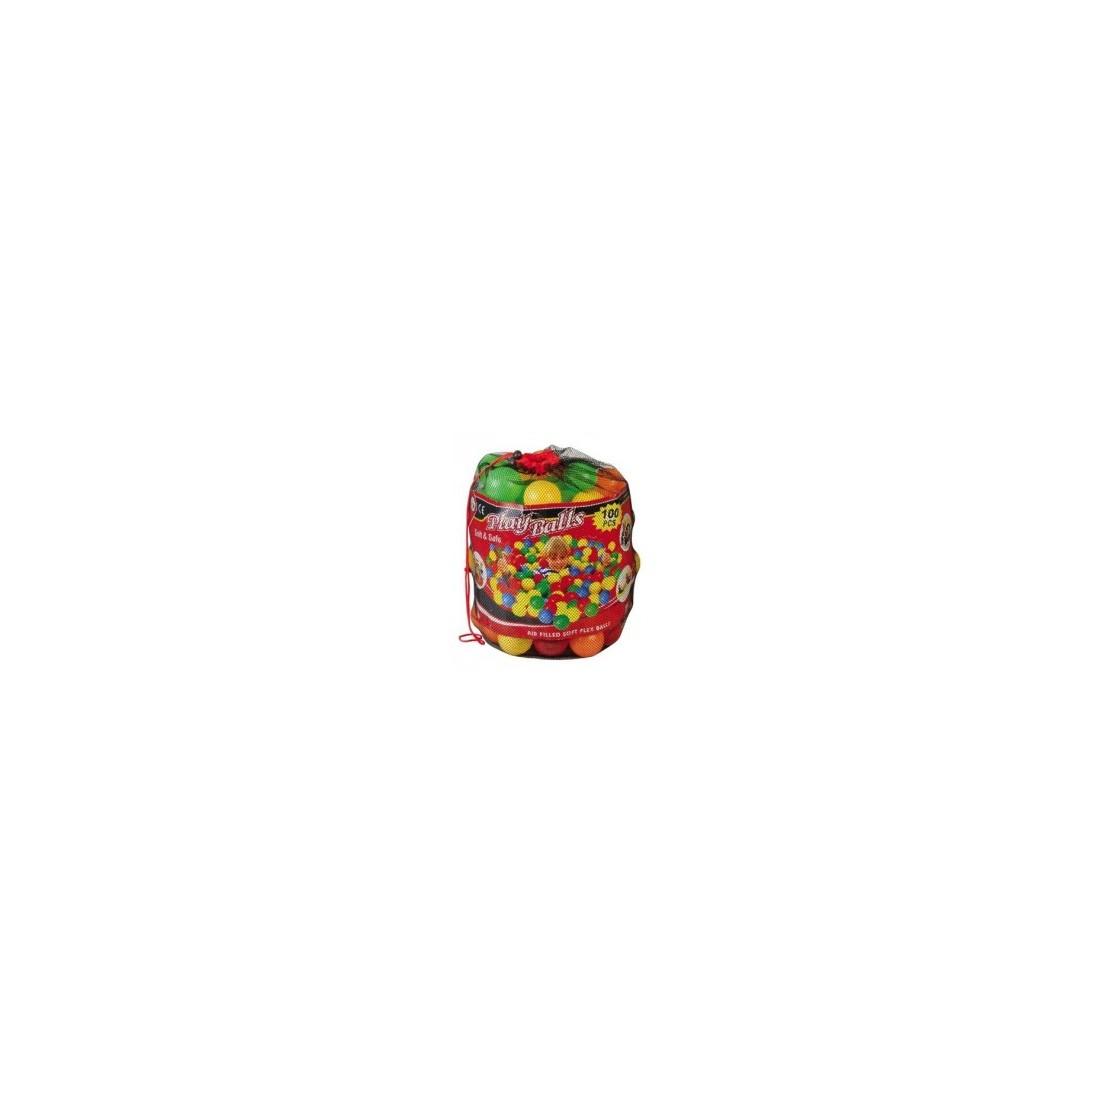 Lot de Balles pour piscine en mousse sarneige, balles 6,5 cm de diamètre